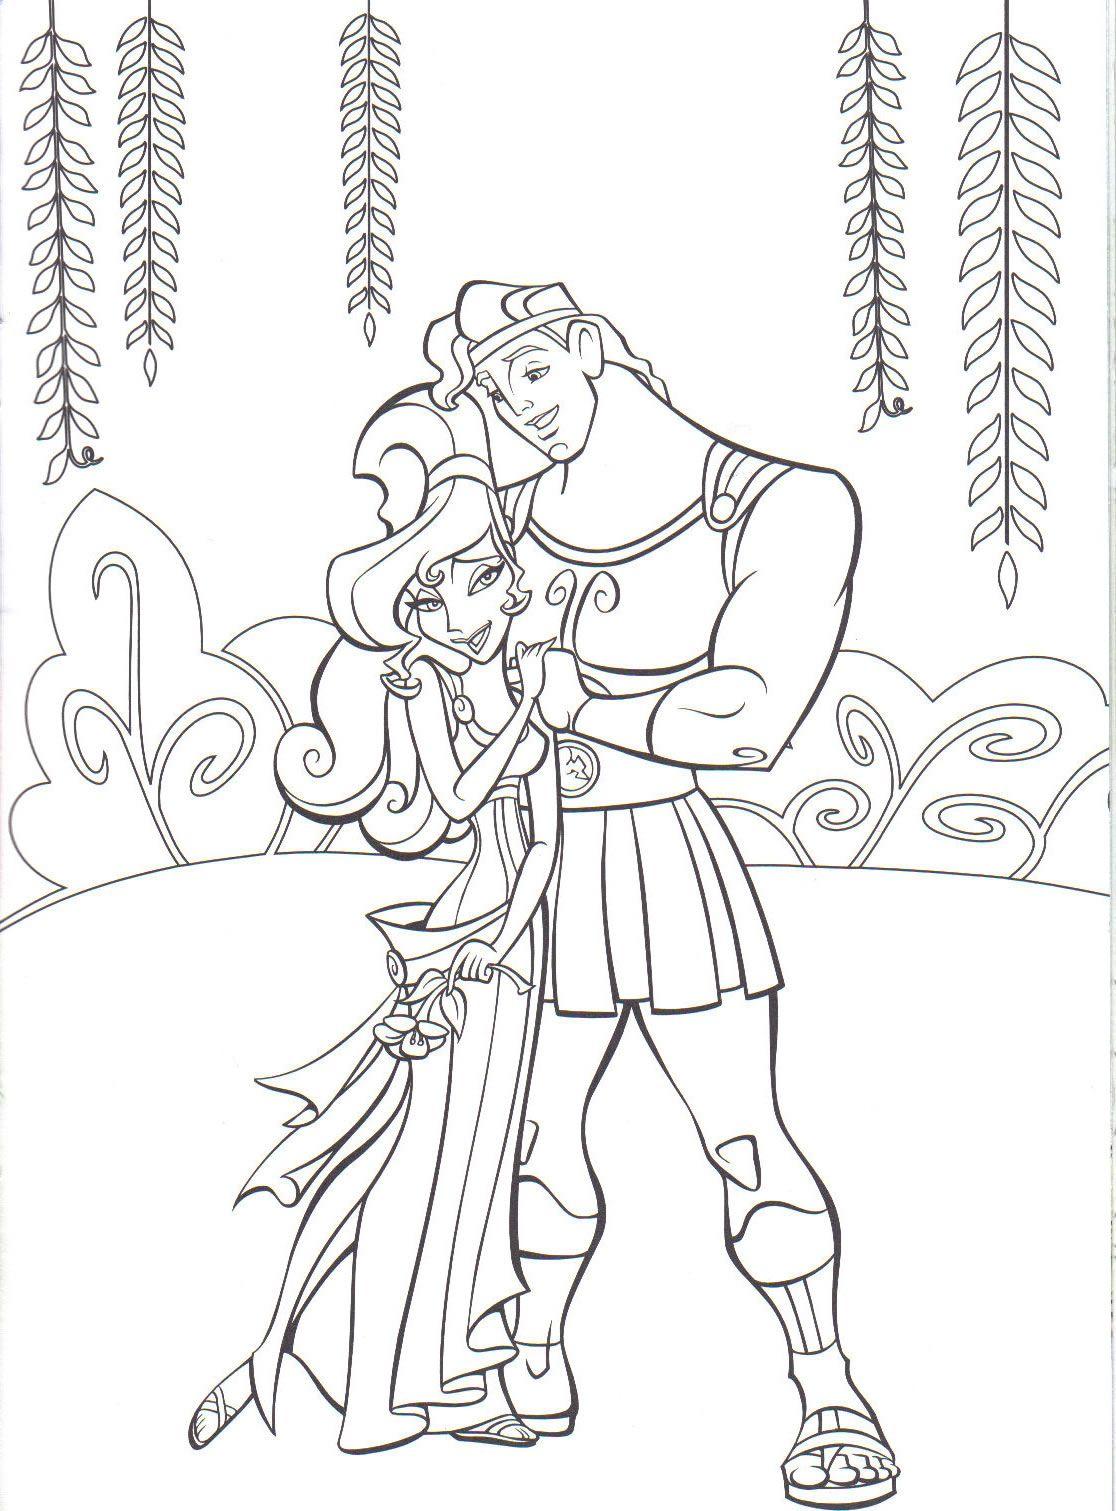 Dessin de Disney à colorier  Disney coloring pages, Disney